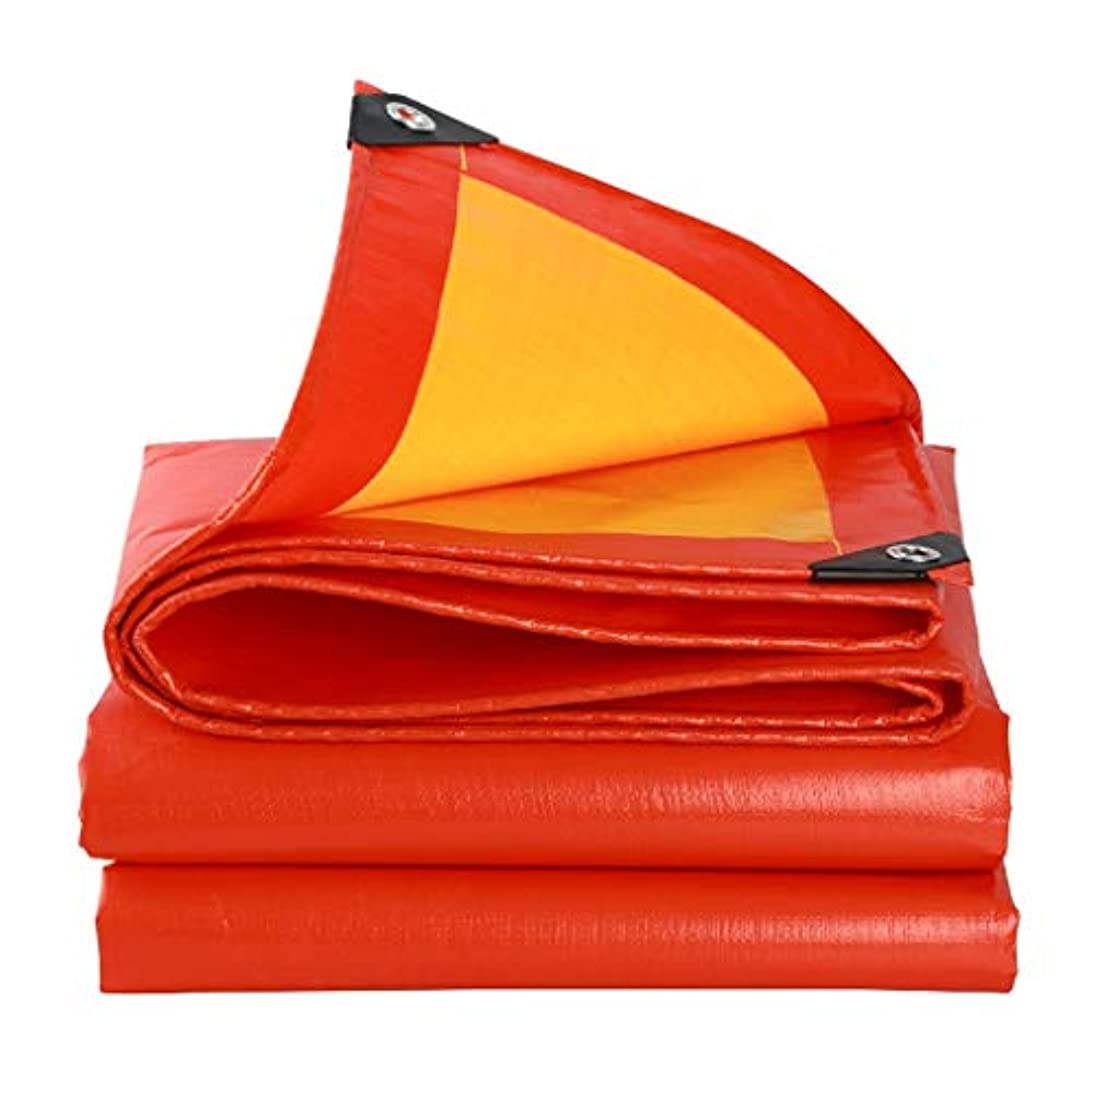 理論話す魅惑するSHYPwM 厚みのあるカラーストリップ防水クロス防水日焼け止めターポリン商品カーシェルターターポリンキャンプ、釣り、ガーデニングオレンジ用プラスチックキャンバスオイルクロス (Size : 5x6M)